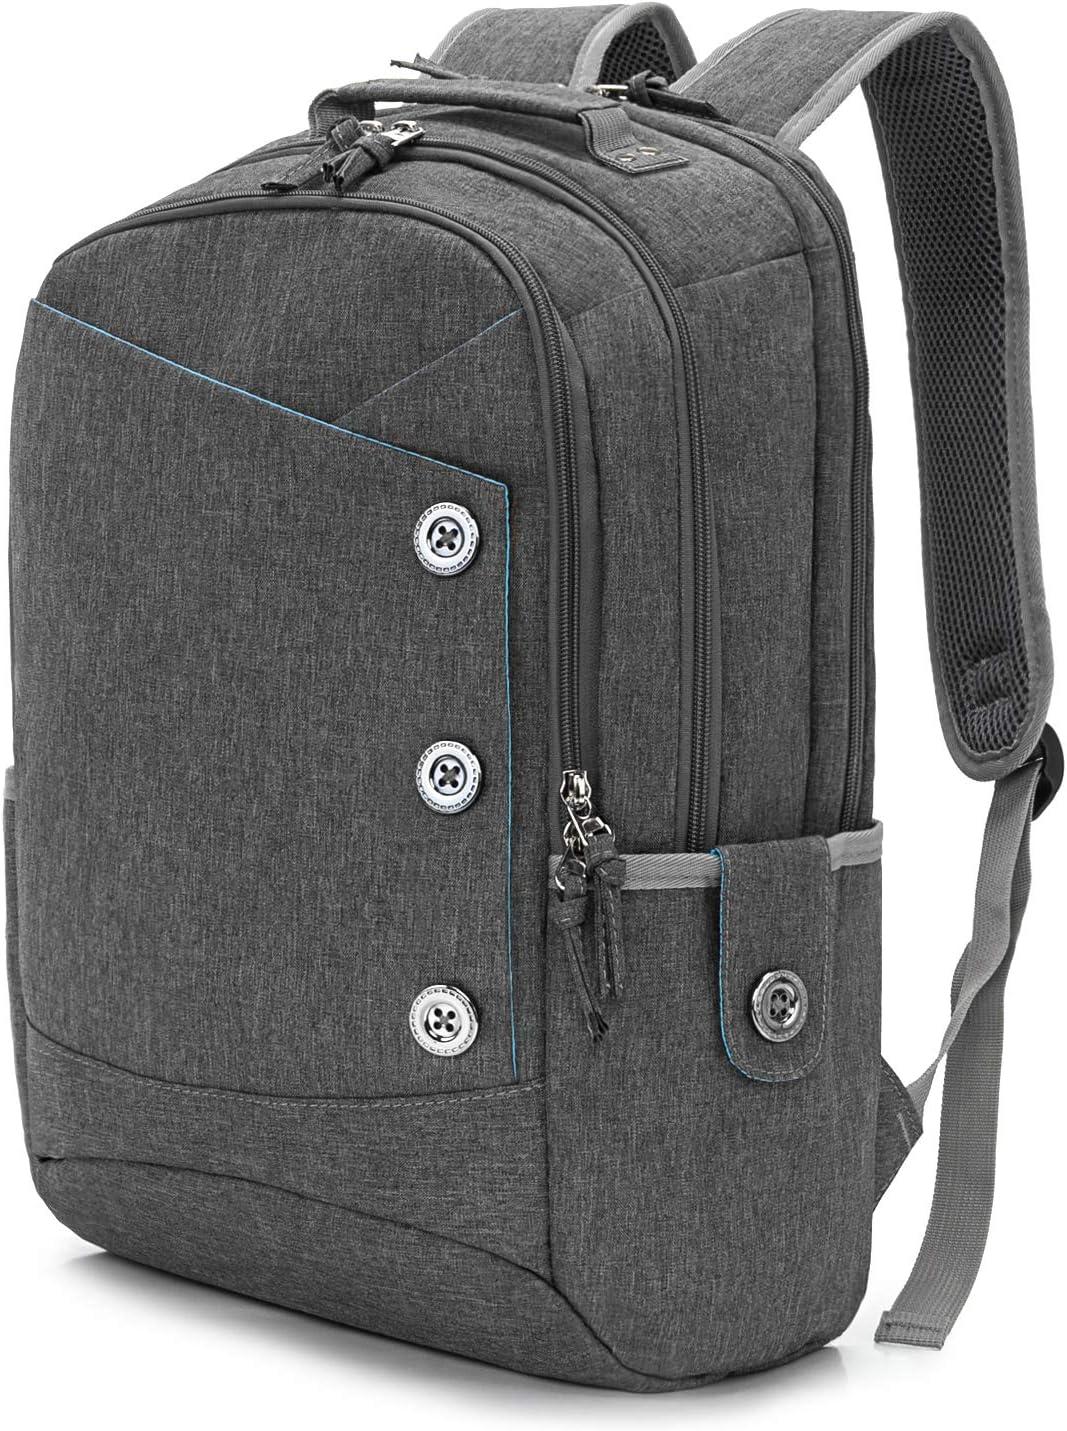 KINGSLONG Laptop Backpack Women Men 15.6 for Travel Work Computer Backpack Gray